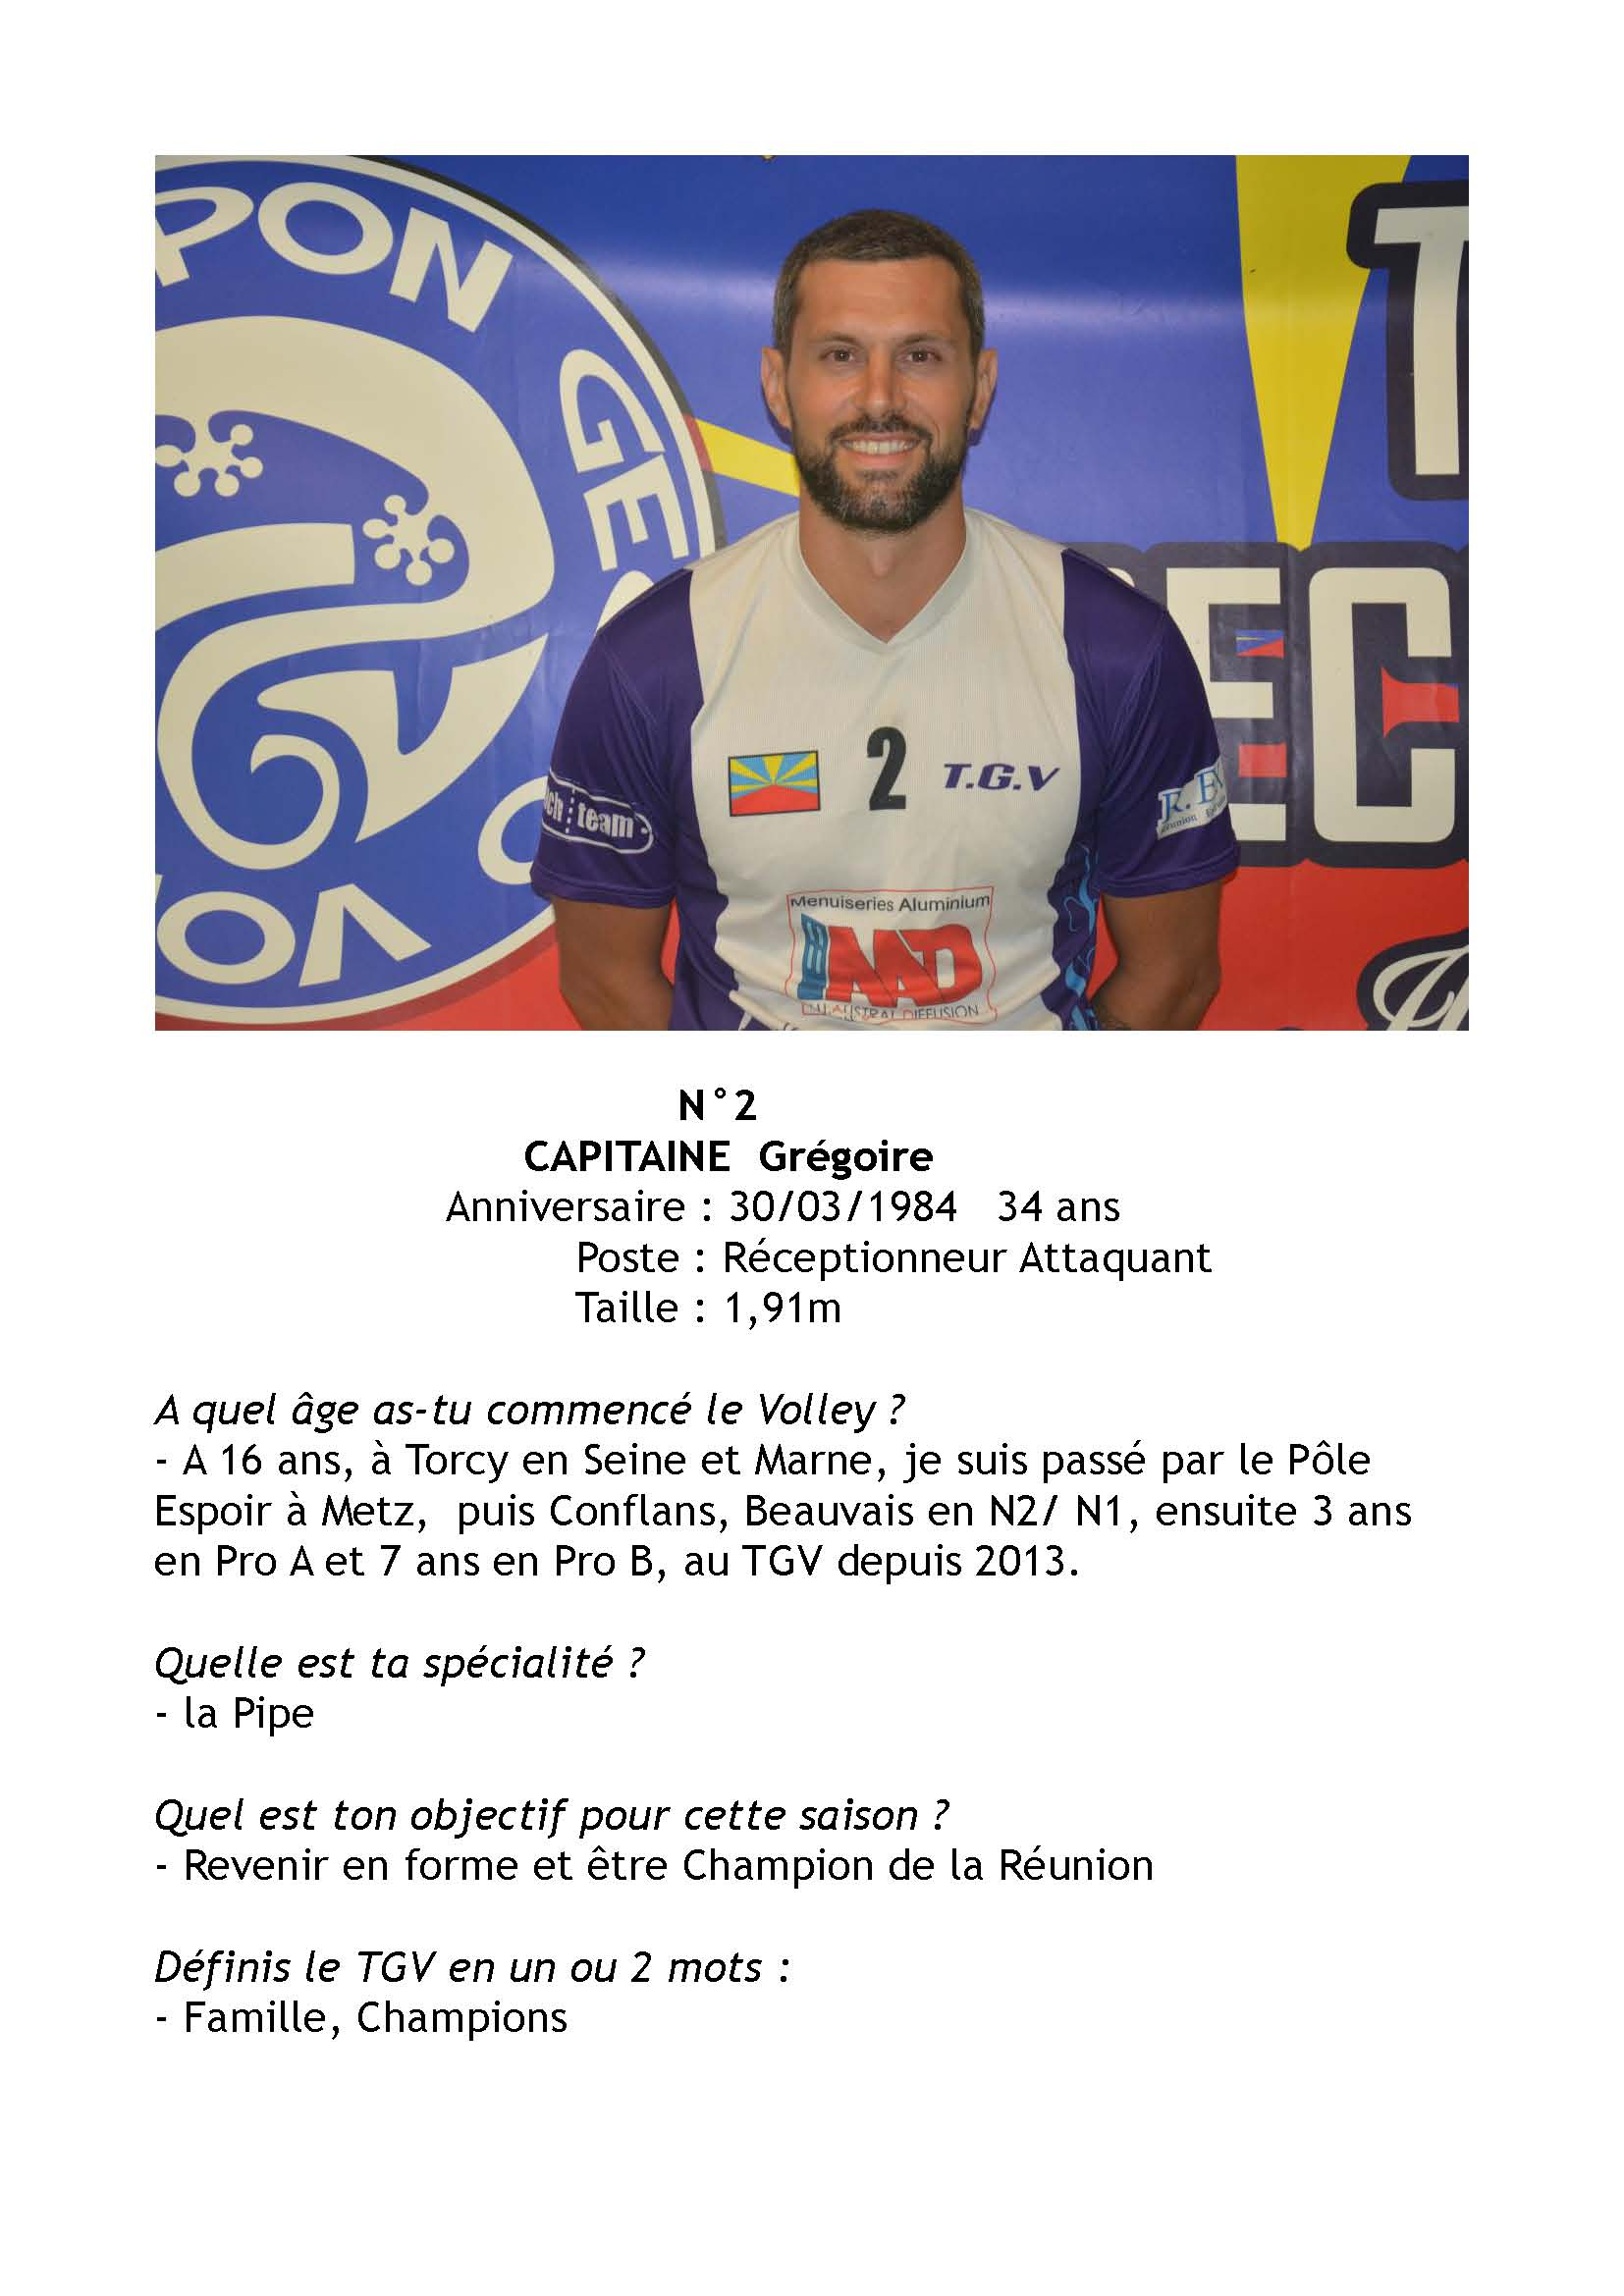 4_2_01 2018-19 02 Grégoire Capitaine